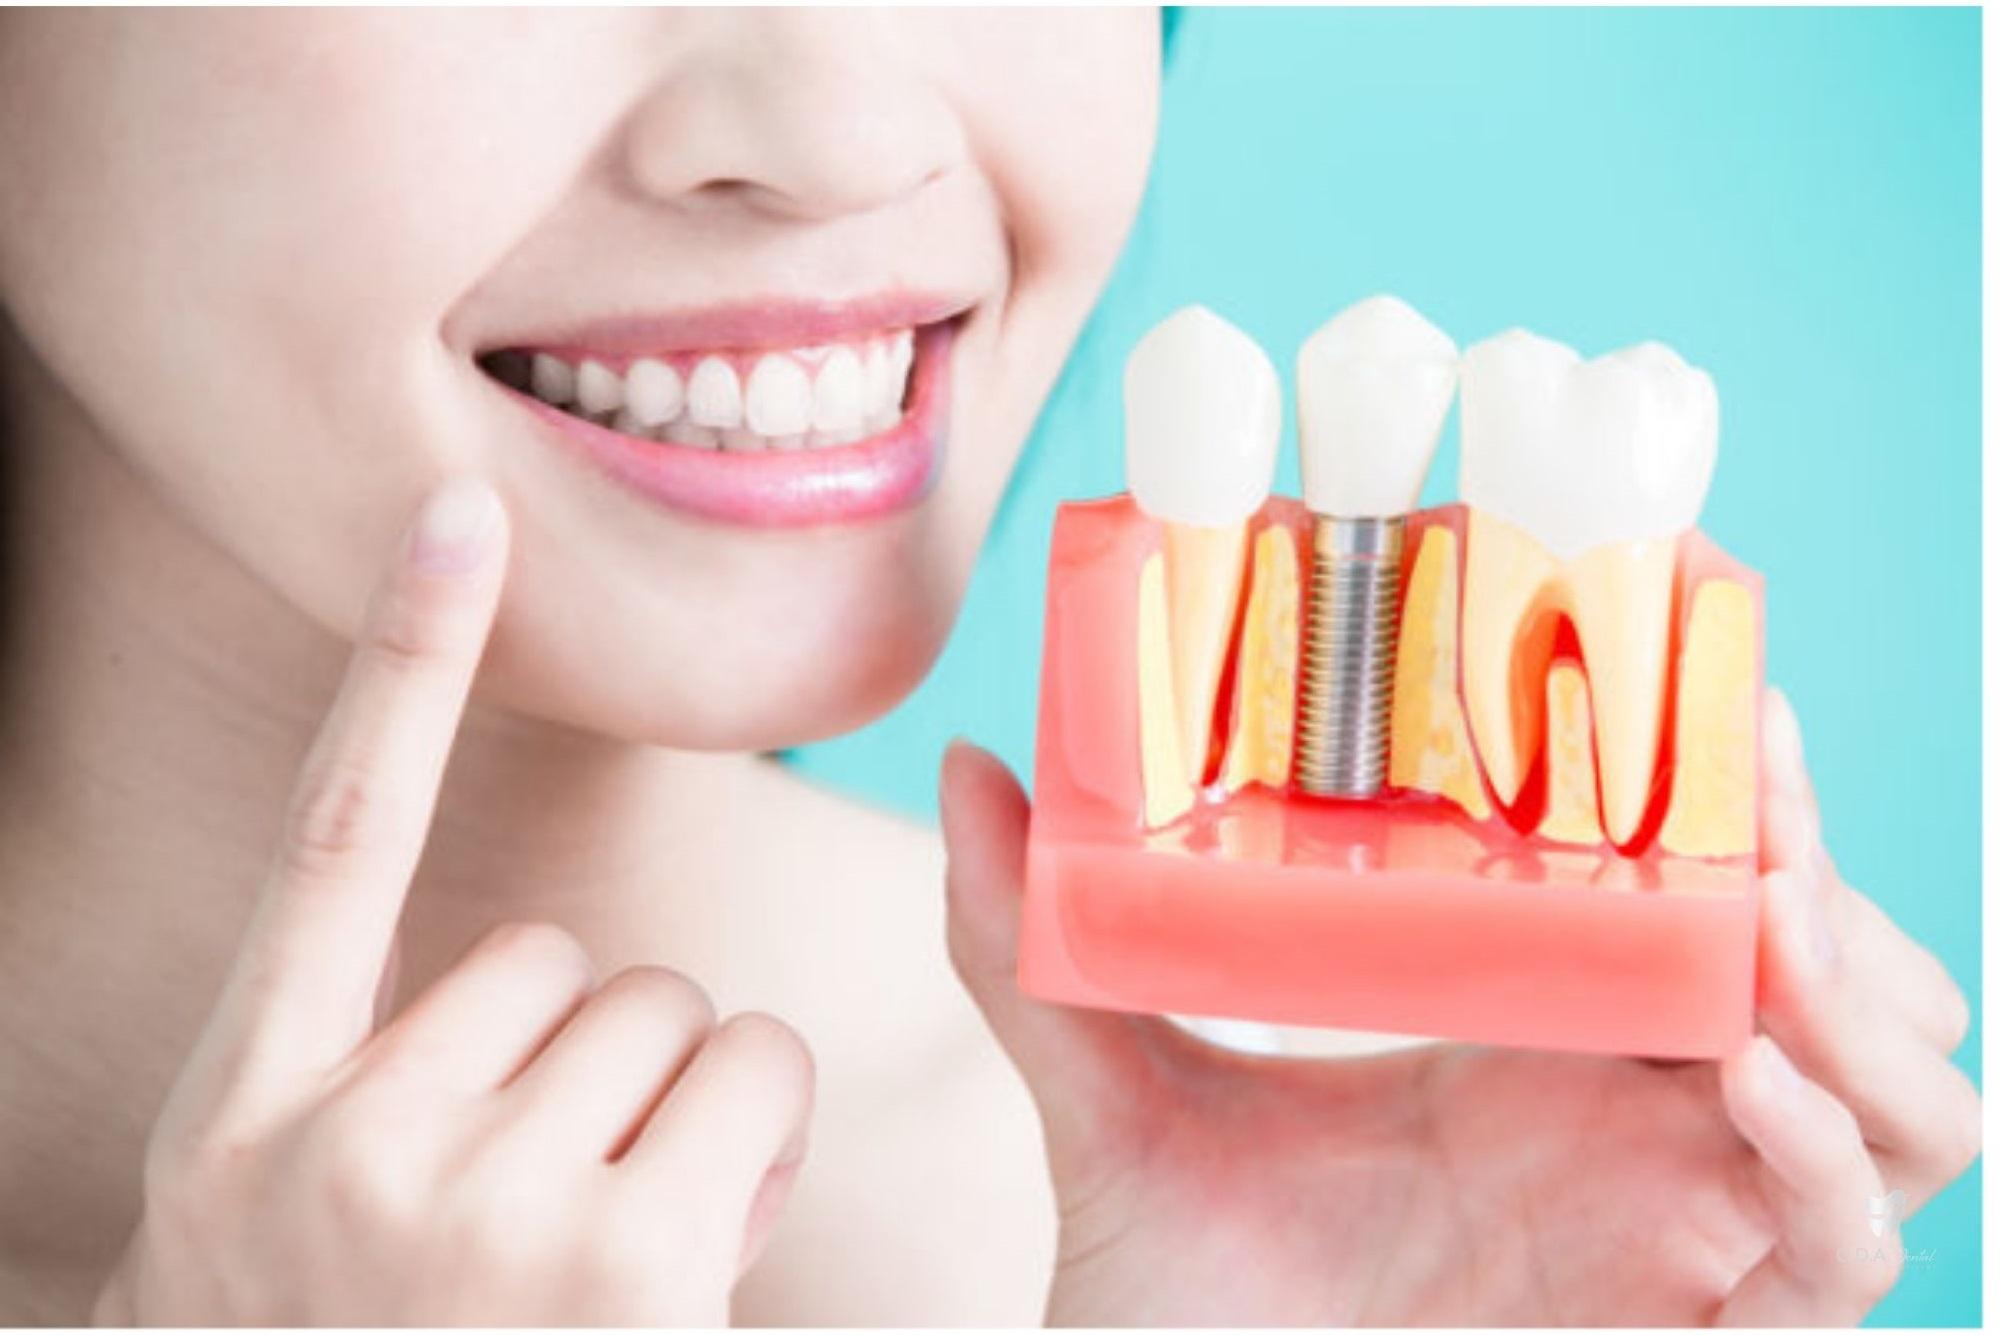 Trồng Răng Implant Uy Tín & Chất Tượng An Toàn